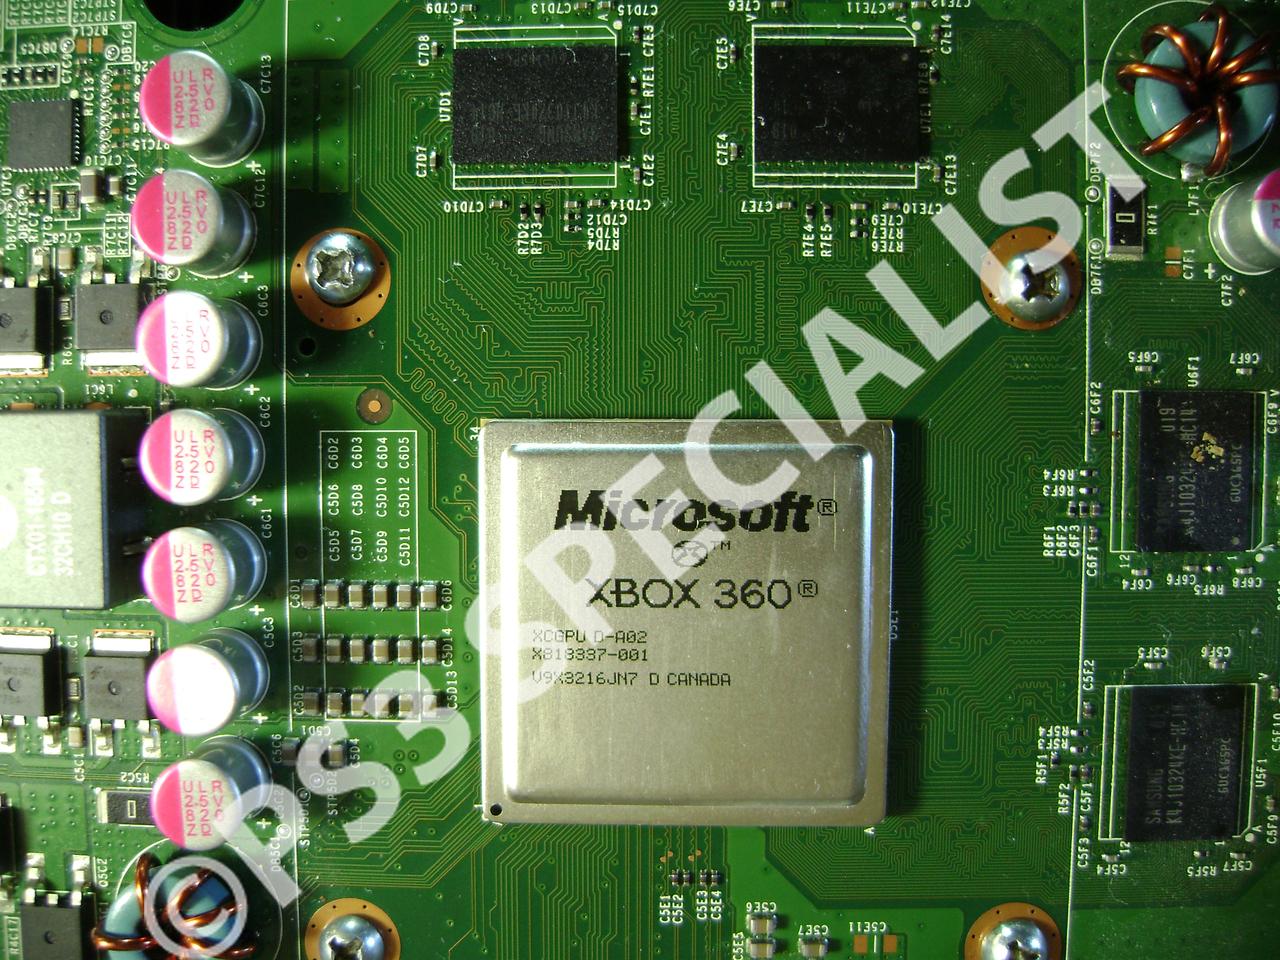 Xbox360 Slim Reballing Repair Service Genius Llc Xbox 360 Motherboard